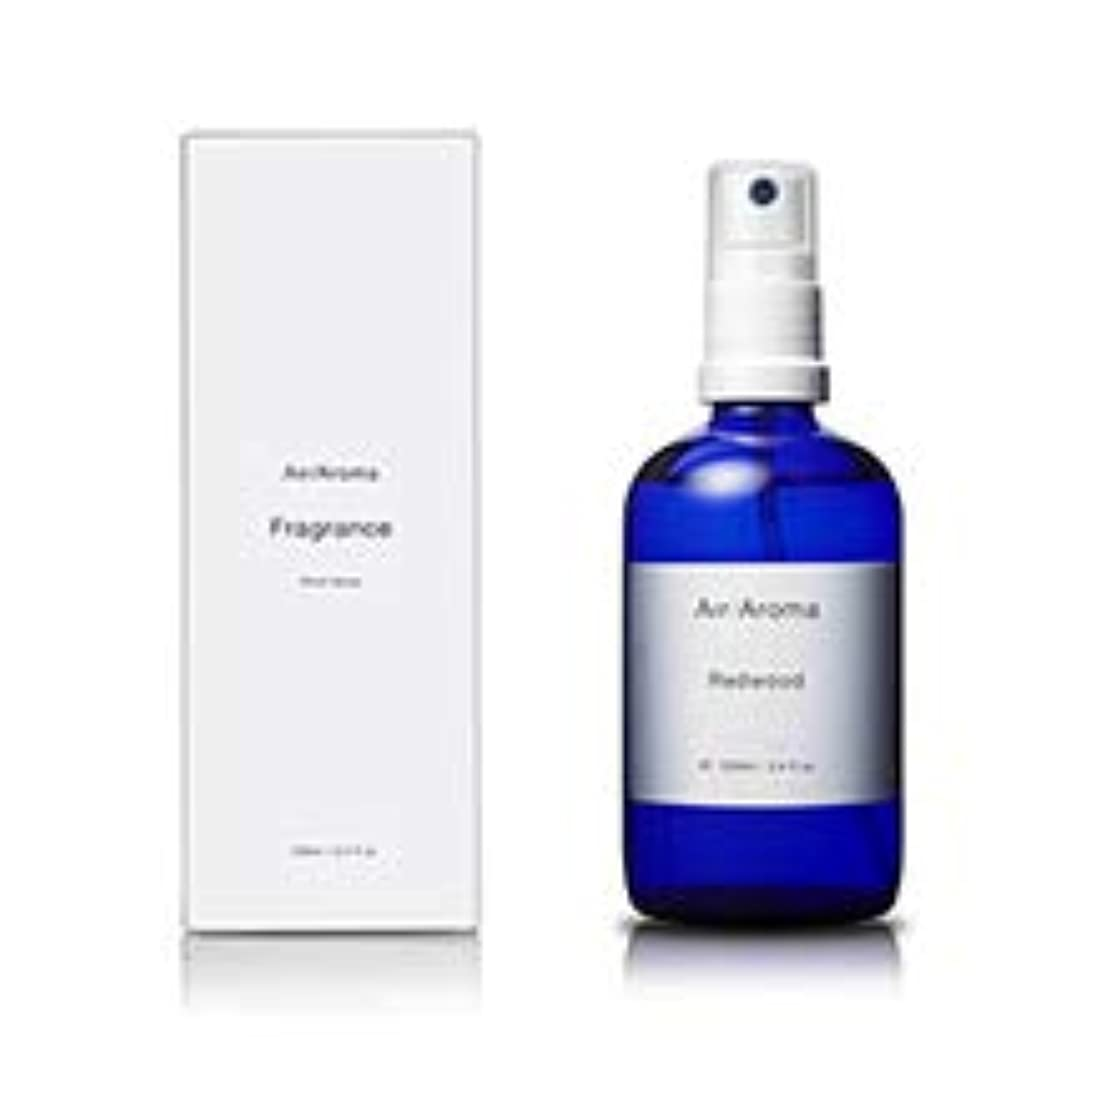 匹敵しますロードハウス提供エアアロマ redwood room fragrance (レッドウッド ルームフレグランス) 100ml